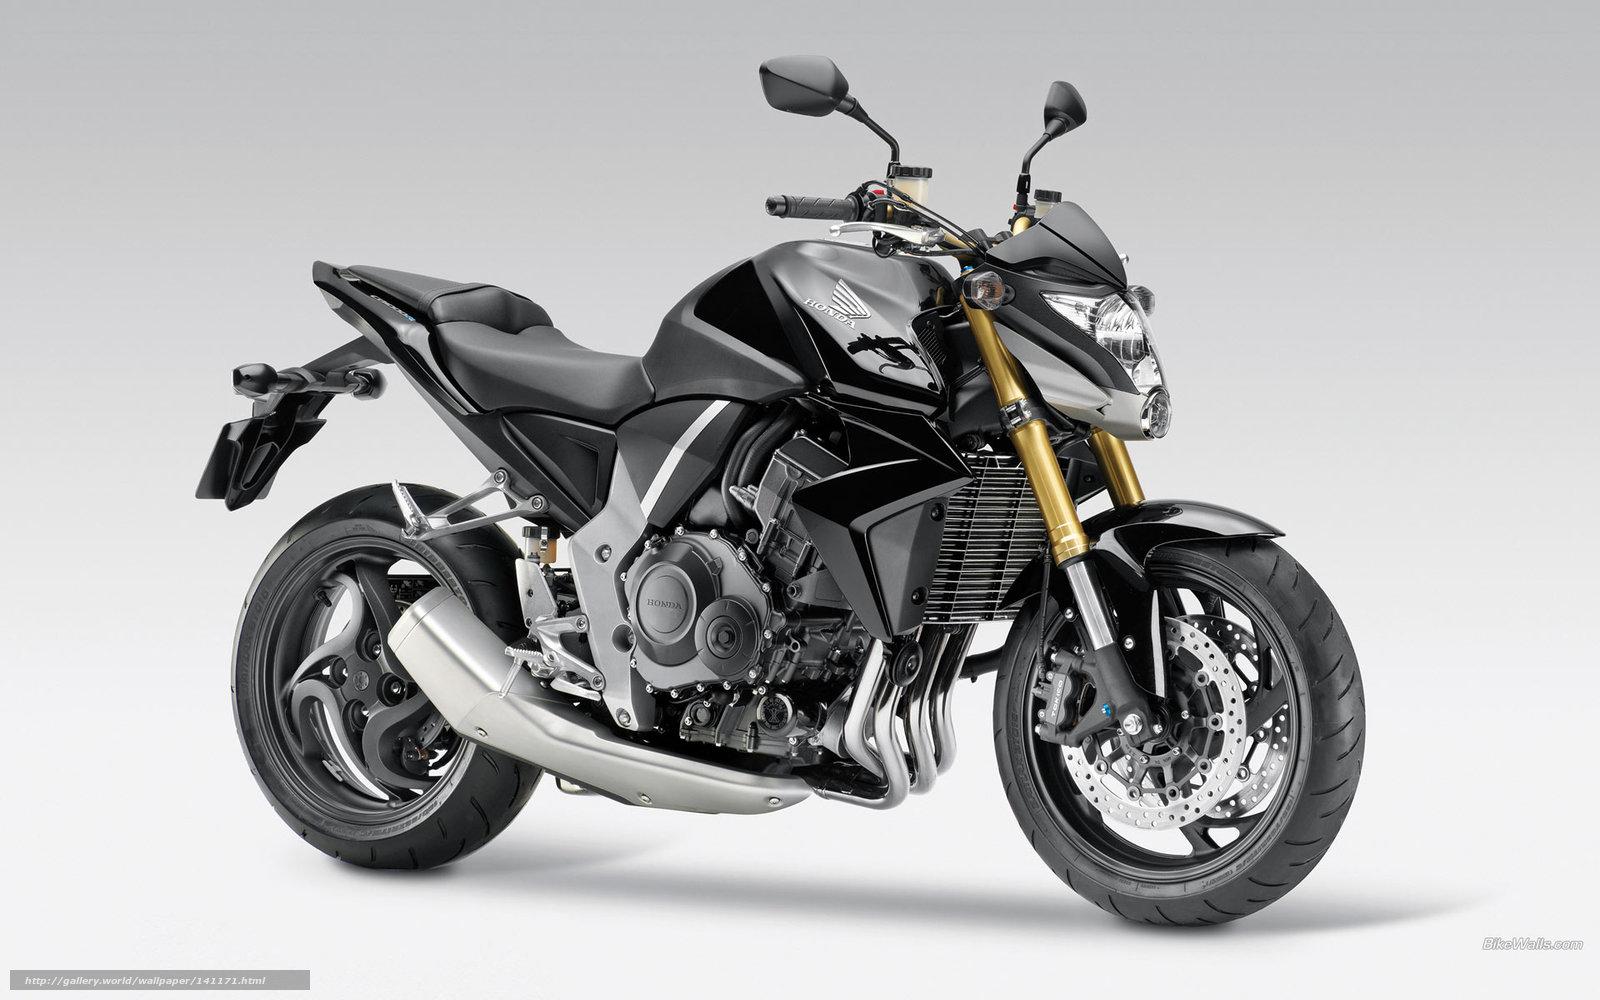 Honda cb1000r furthermore 2013 honda cb1000r moreover honda cb 1000r